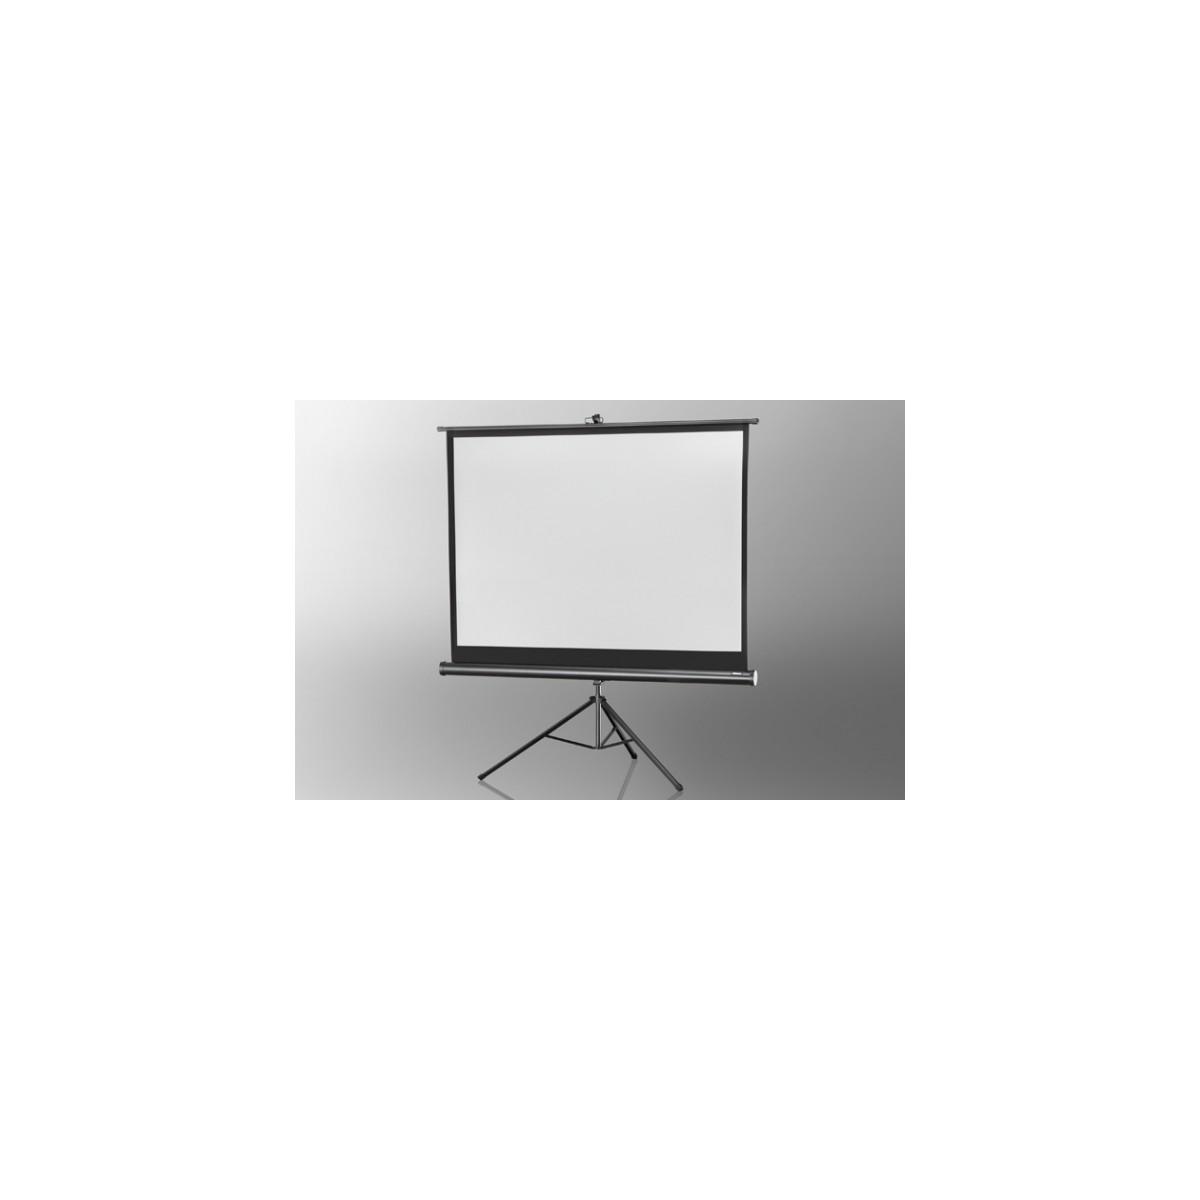 ecran de projection sur pied celexon economy 133 x 100 cm fran ais french. Black Bedroom Furniture Sets. Home Design Ideas